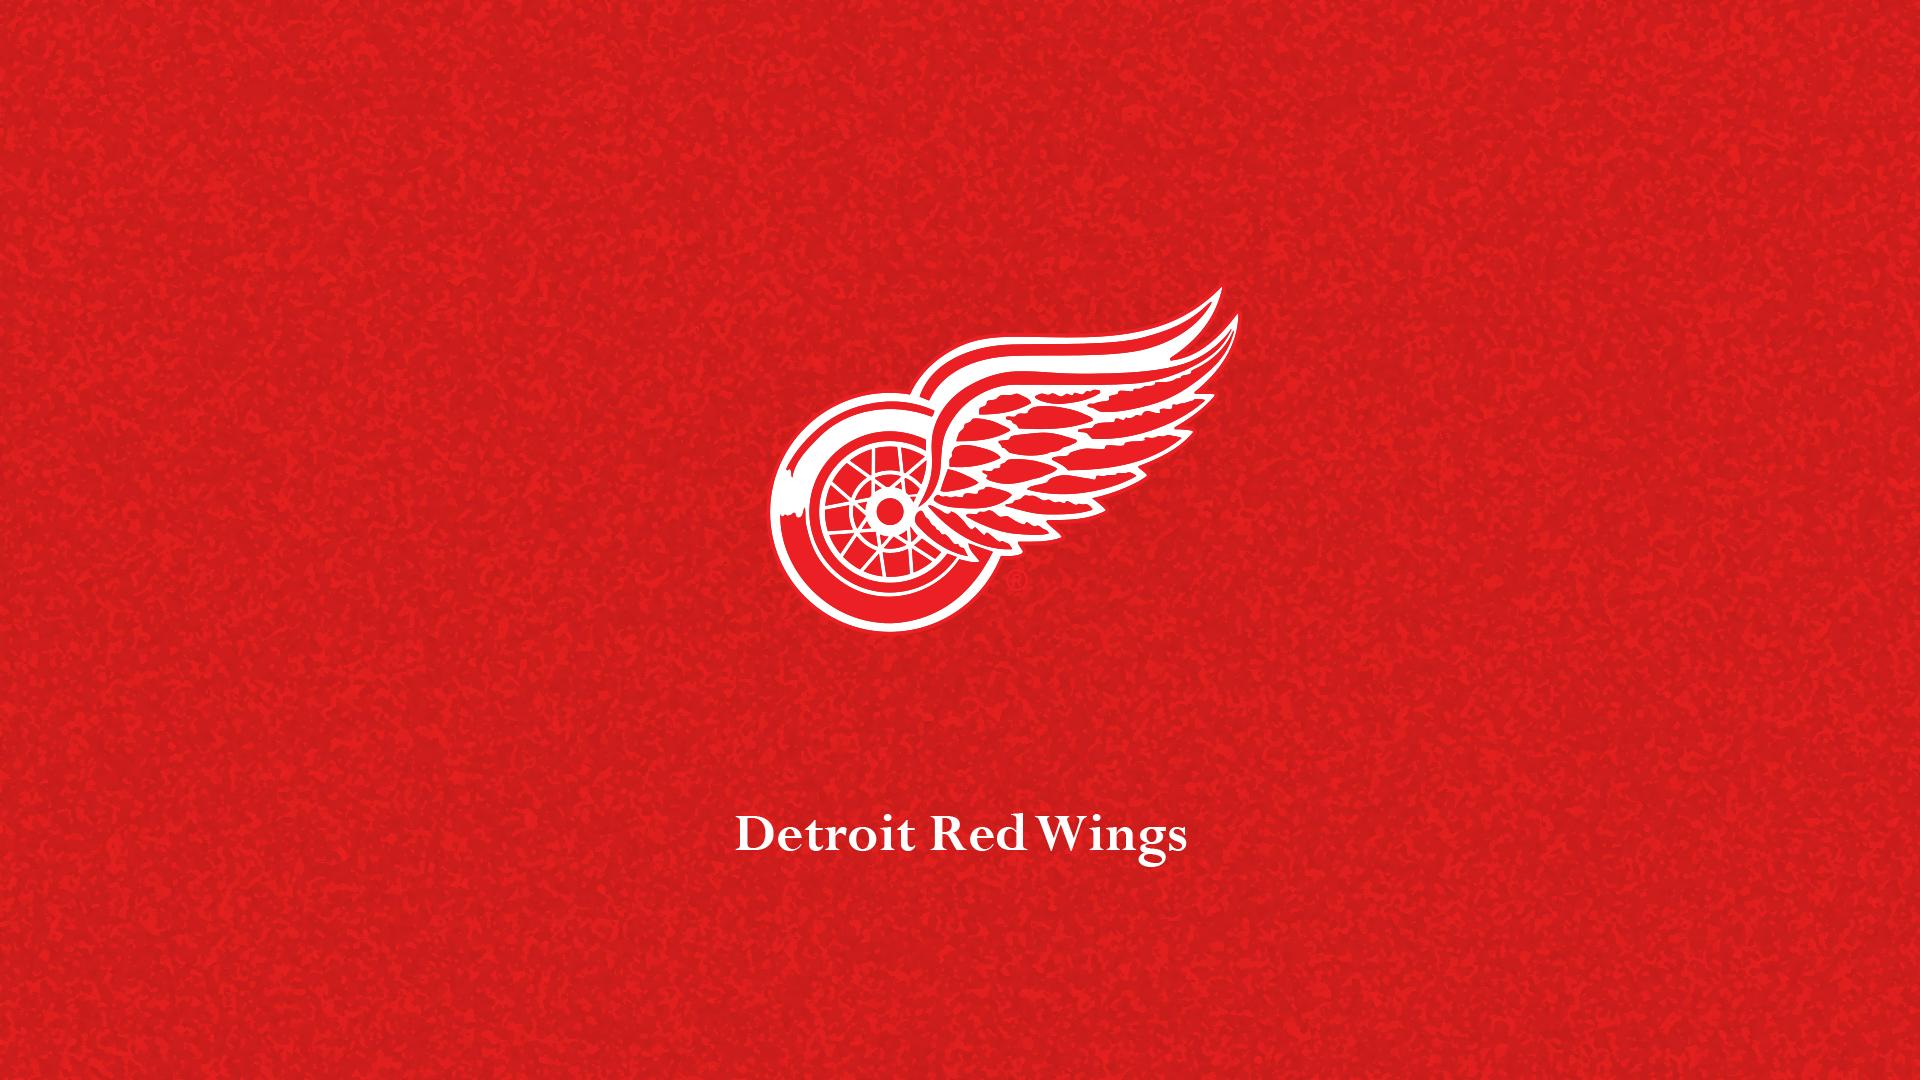 Detroit Red Wings by mezzano 1920x1080